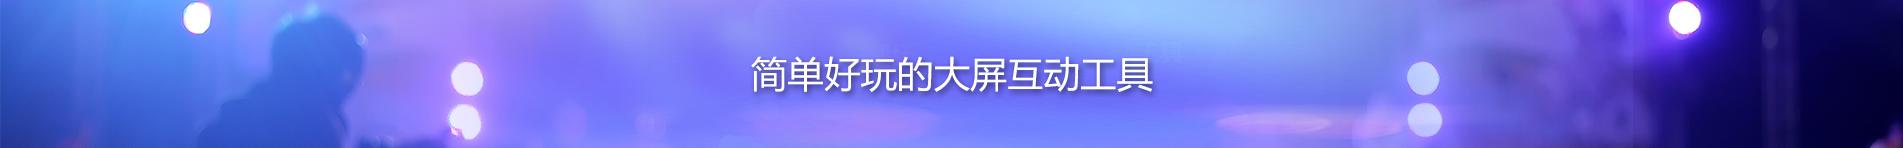 新闻详情页面顶部Banner